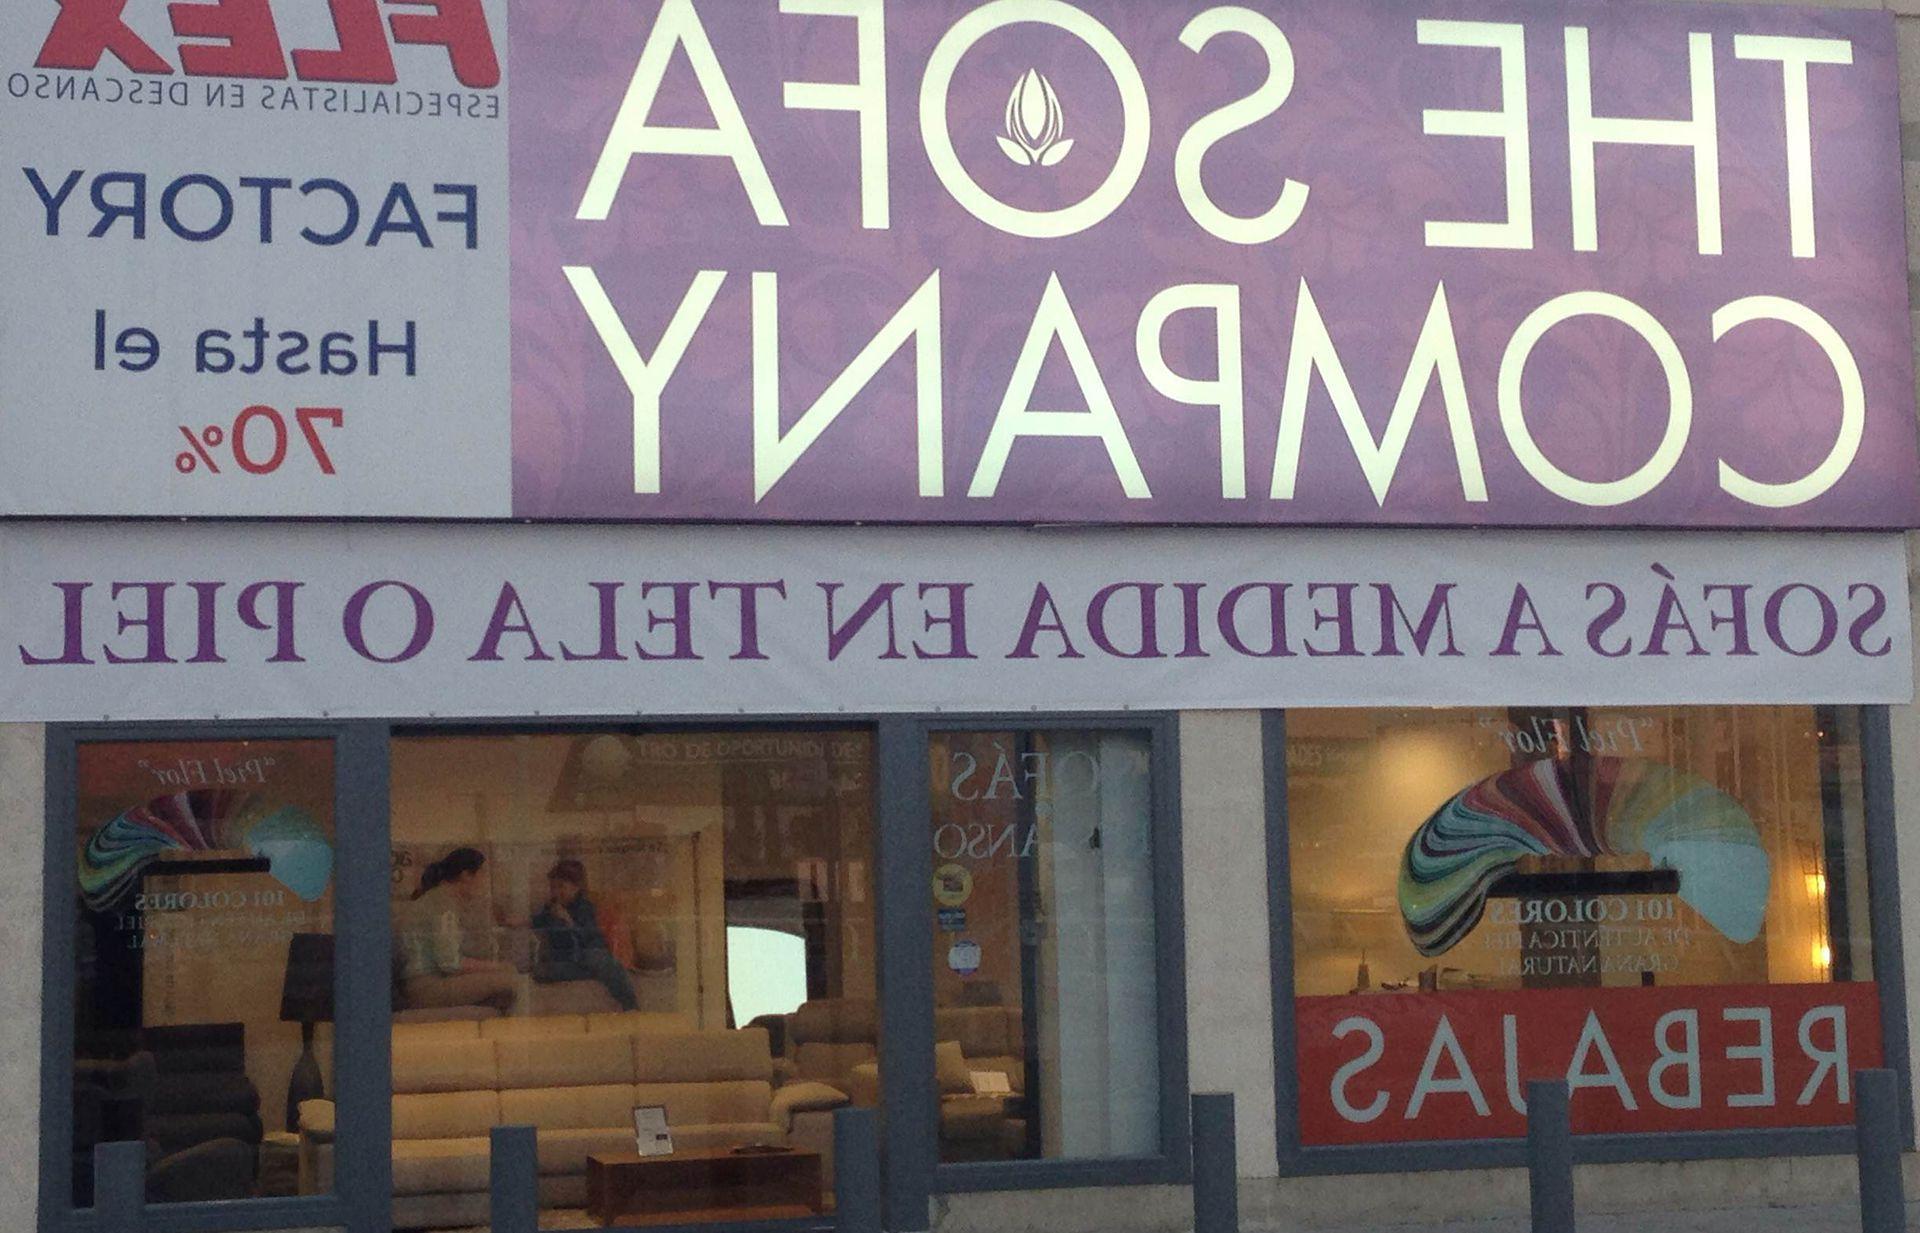 Tiendas De Muebles En Alcorcon 3id6 Muebles Alcorcon Parque Oeste Tiendas De Muebles En Rivas Gallery